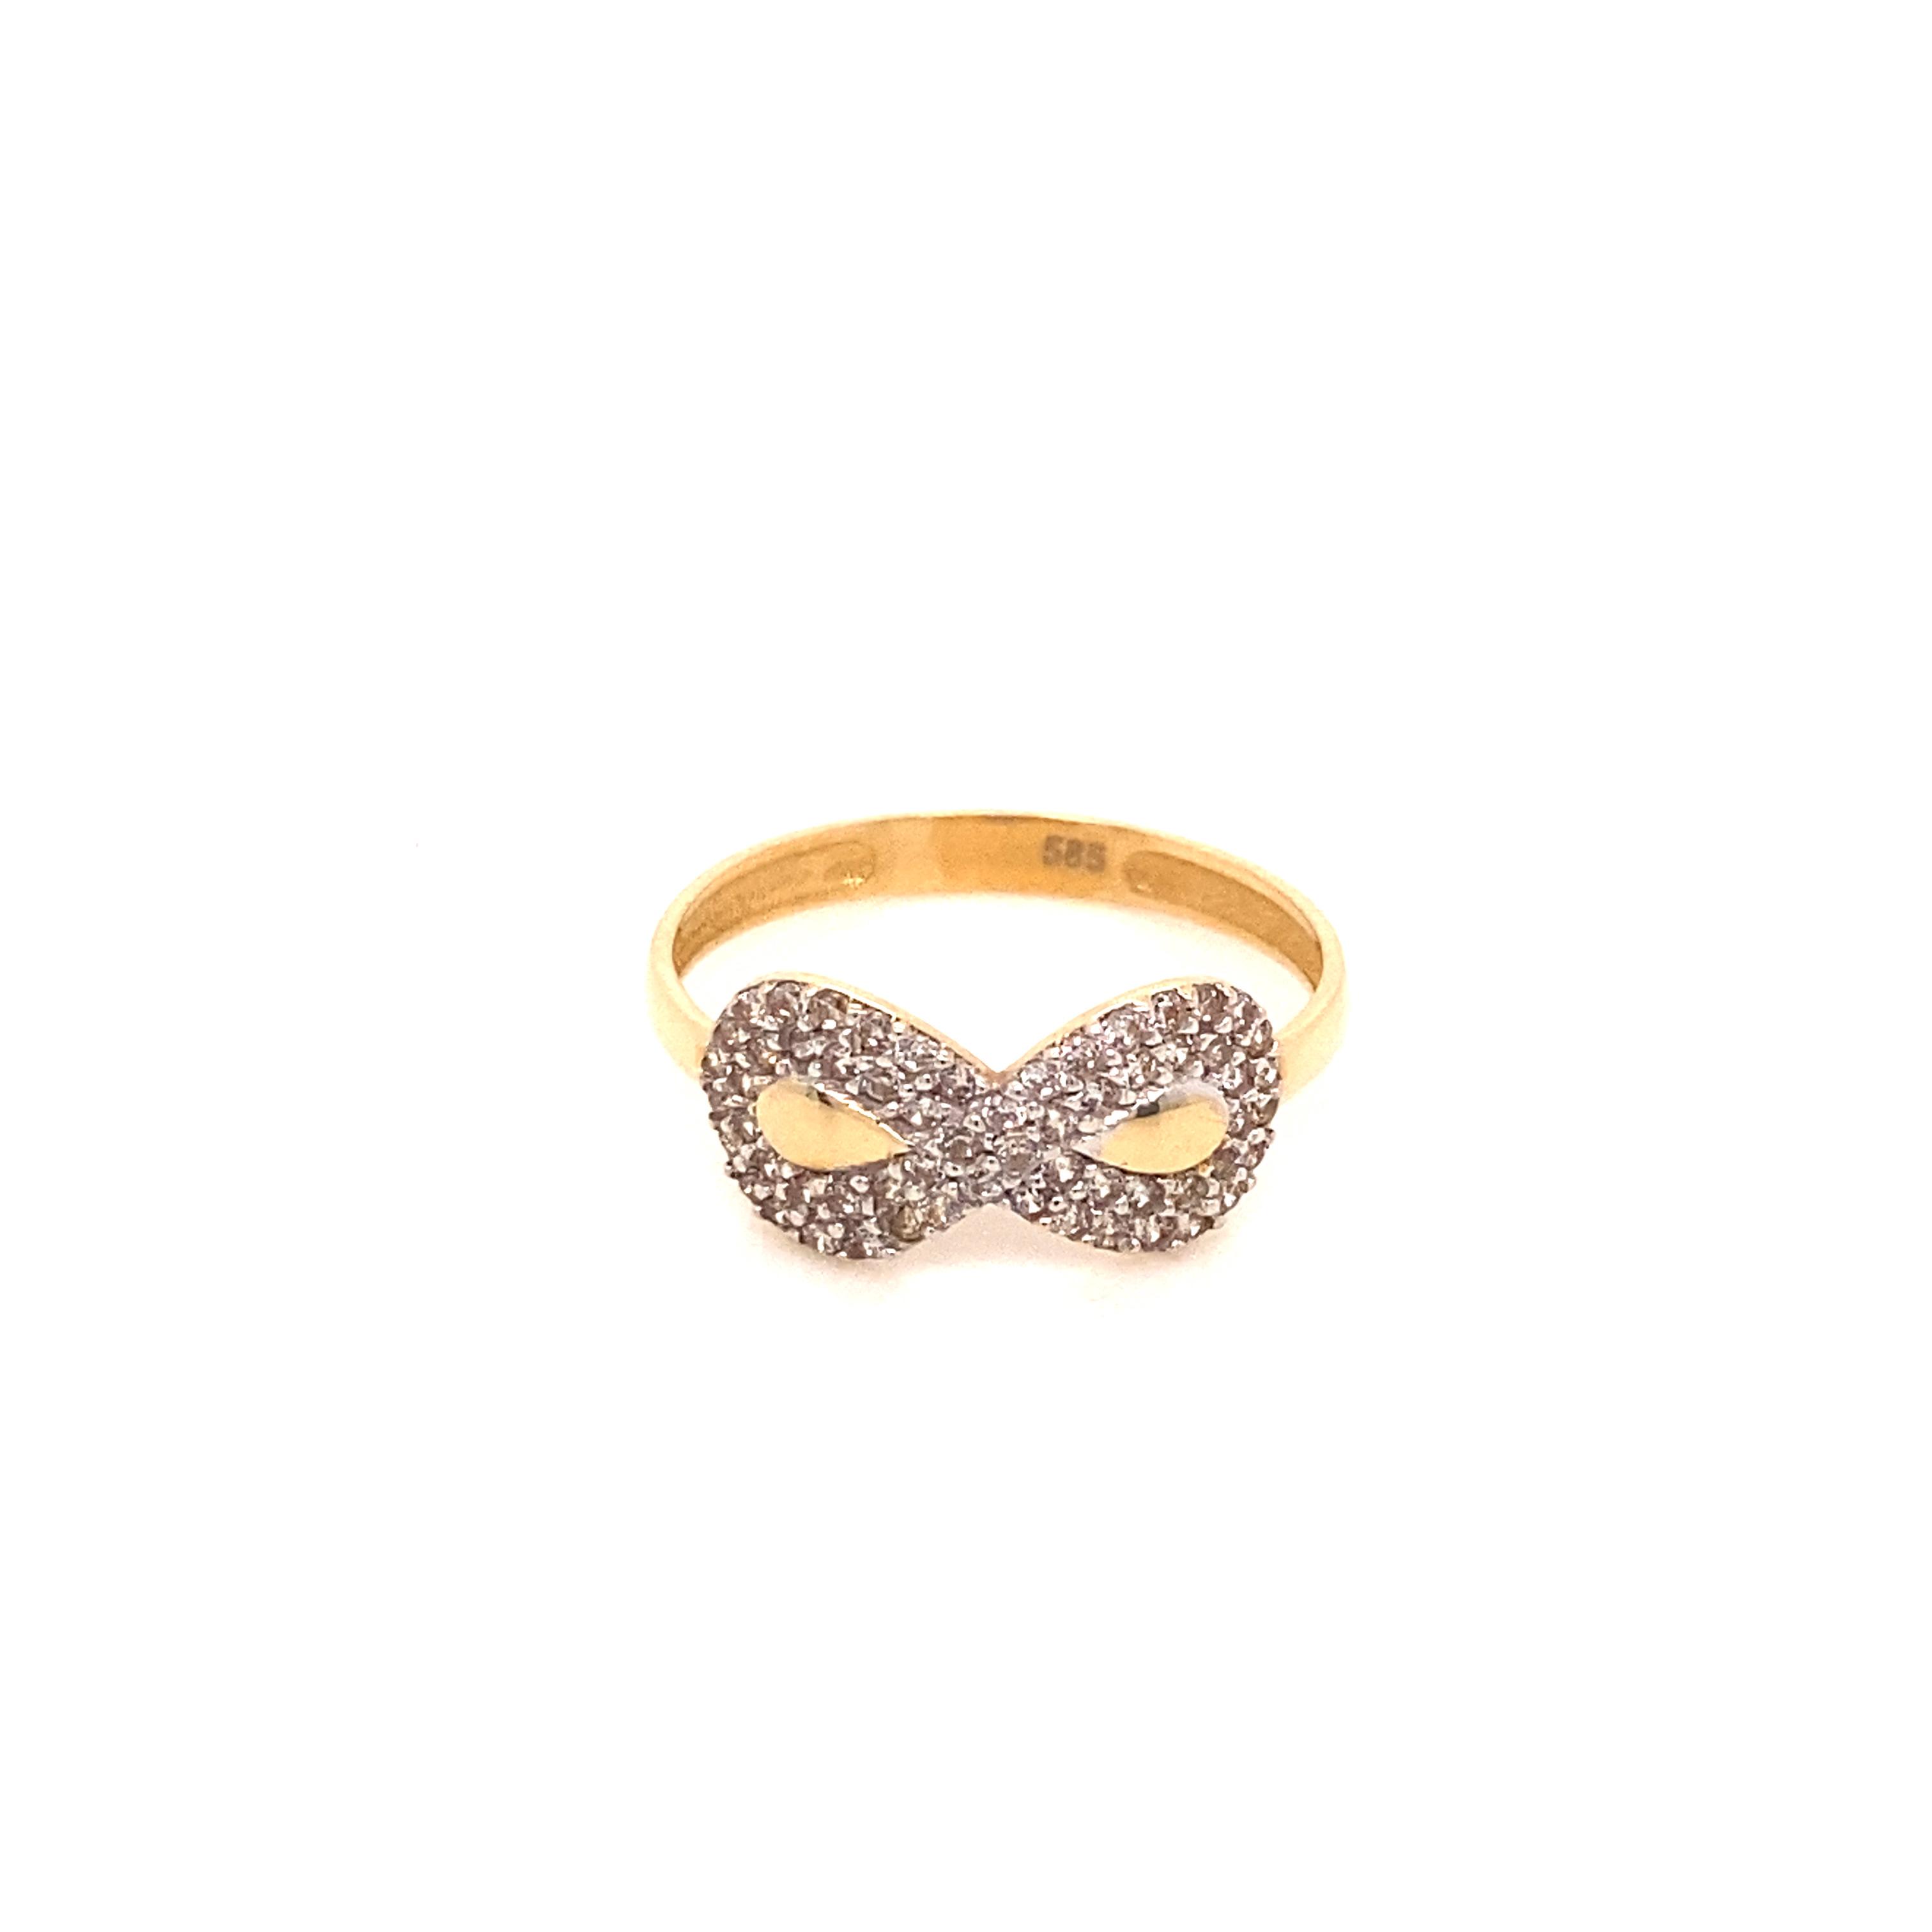 585 Gold Ring |Sonsuzluk